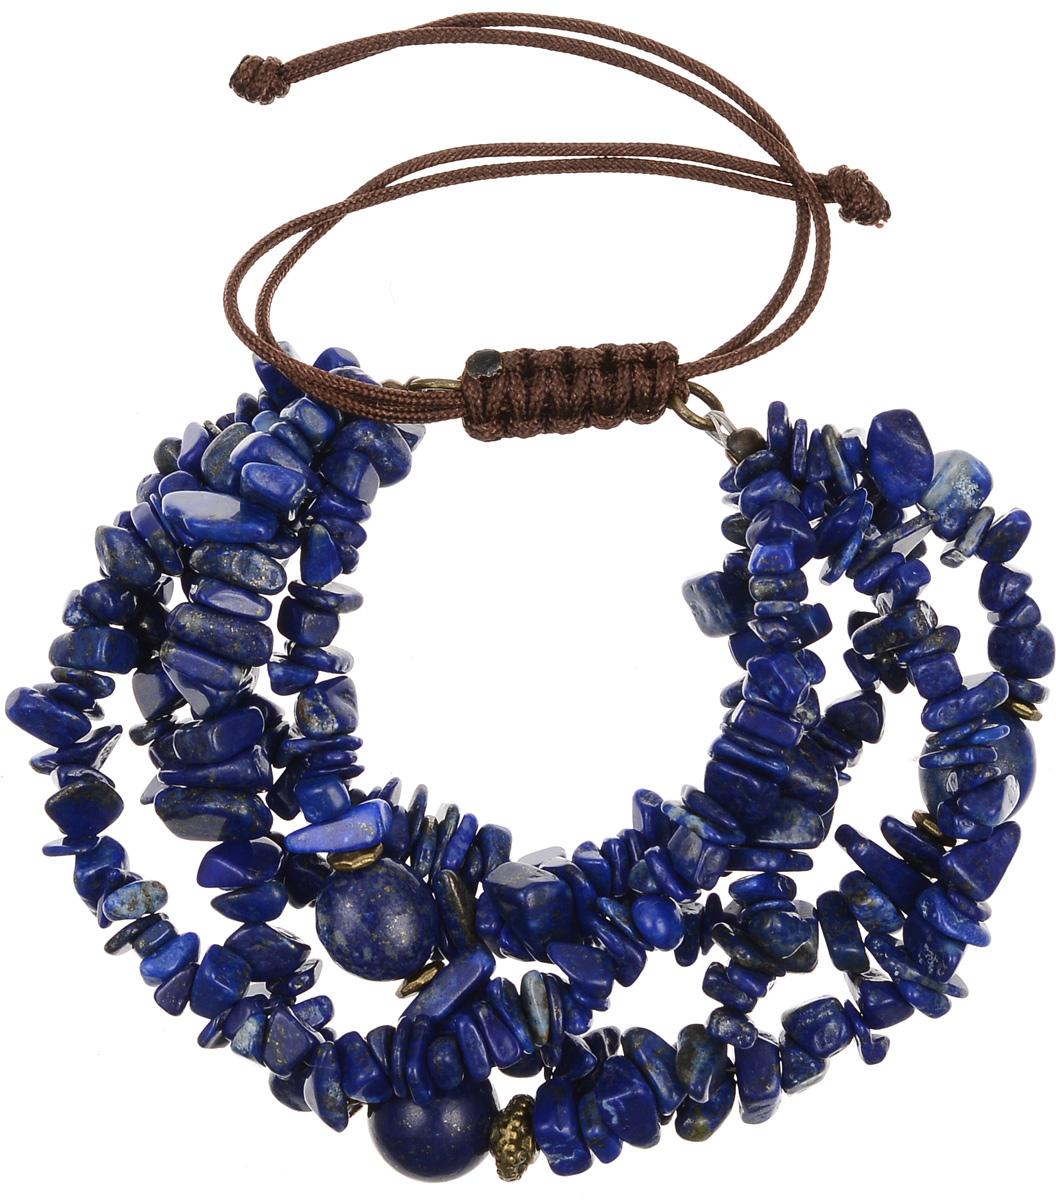 Браслет Polina Selezneva, цвет: синий. 002-2827002-2827Элегантный браслет Polina Selezneva изготовлен из текстиля и натурального камня. Оригинальные узоры лазурита прекрасно подчеркивают уникальность минерала. Благодаря текстильной основе браслет идеально разместится на запястье, скользящий замок позволит регулировать длину изделия. Стильный браслет Polina Selezneva поможет дополнить любой образ и привнести в него завершающий яркий штрих.